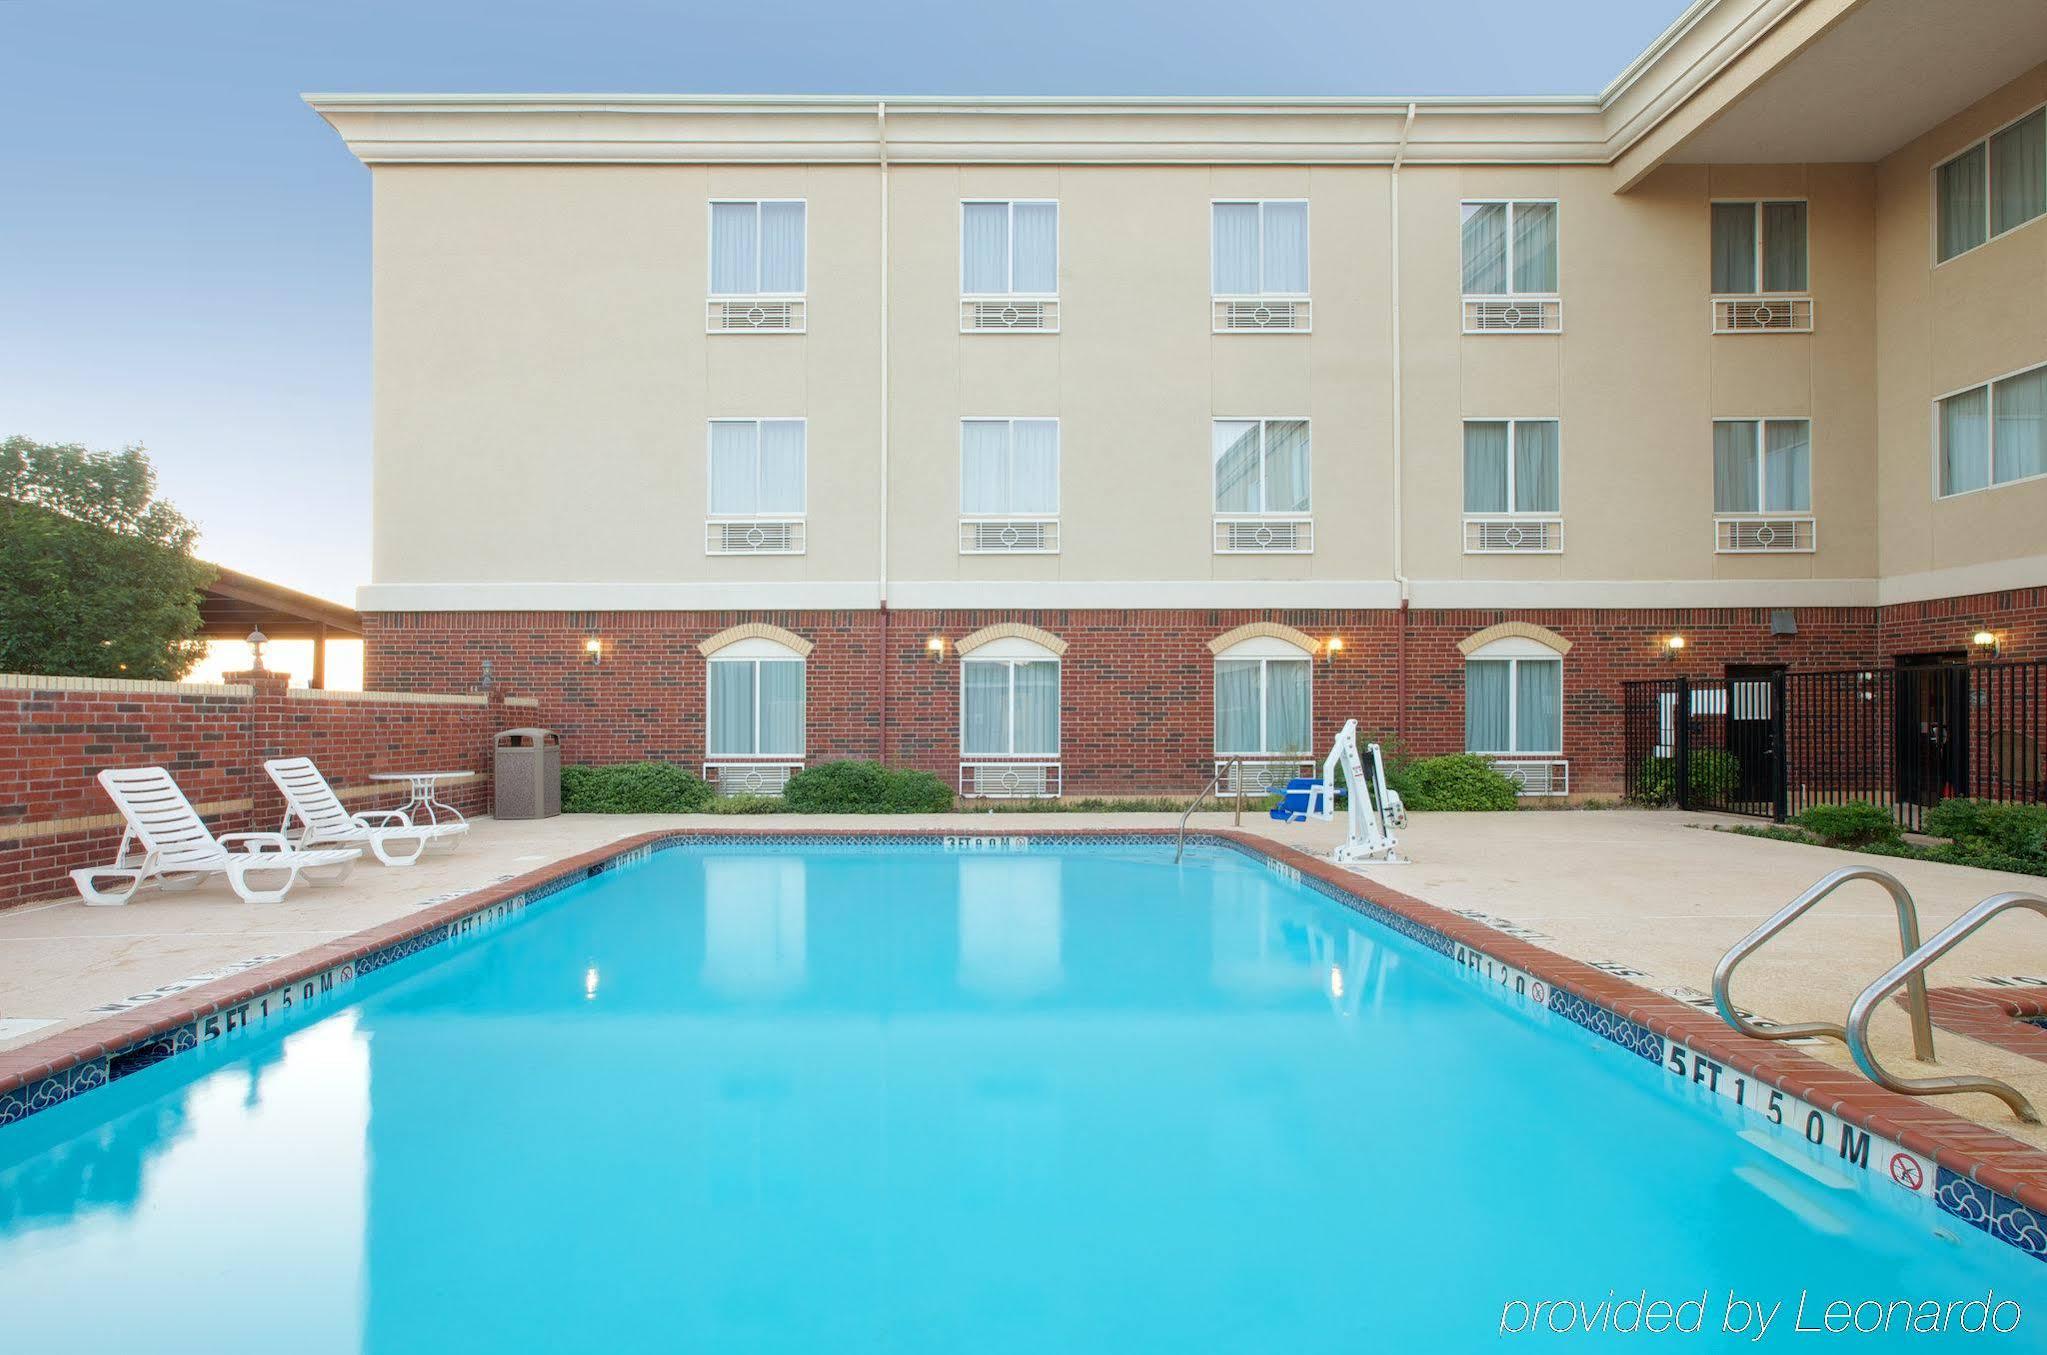 Holiday Inn Express Abilene Mall South